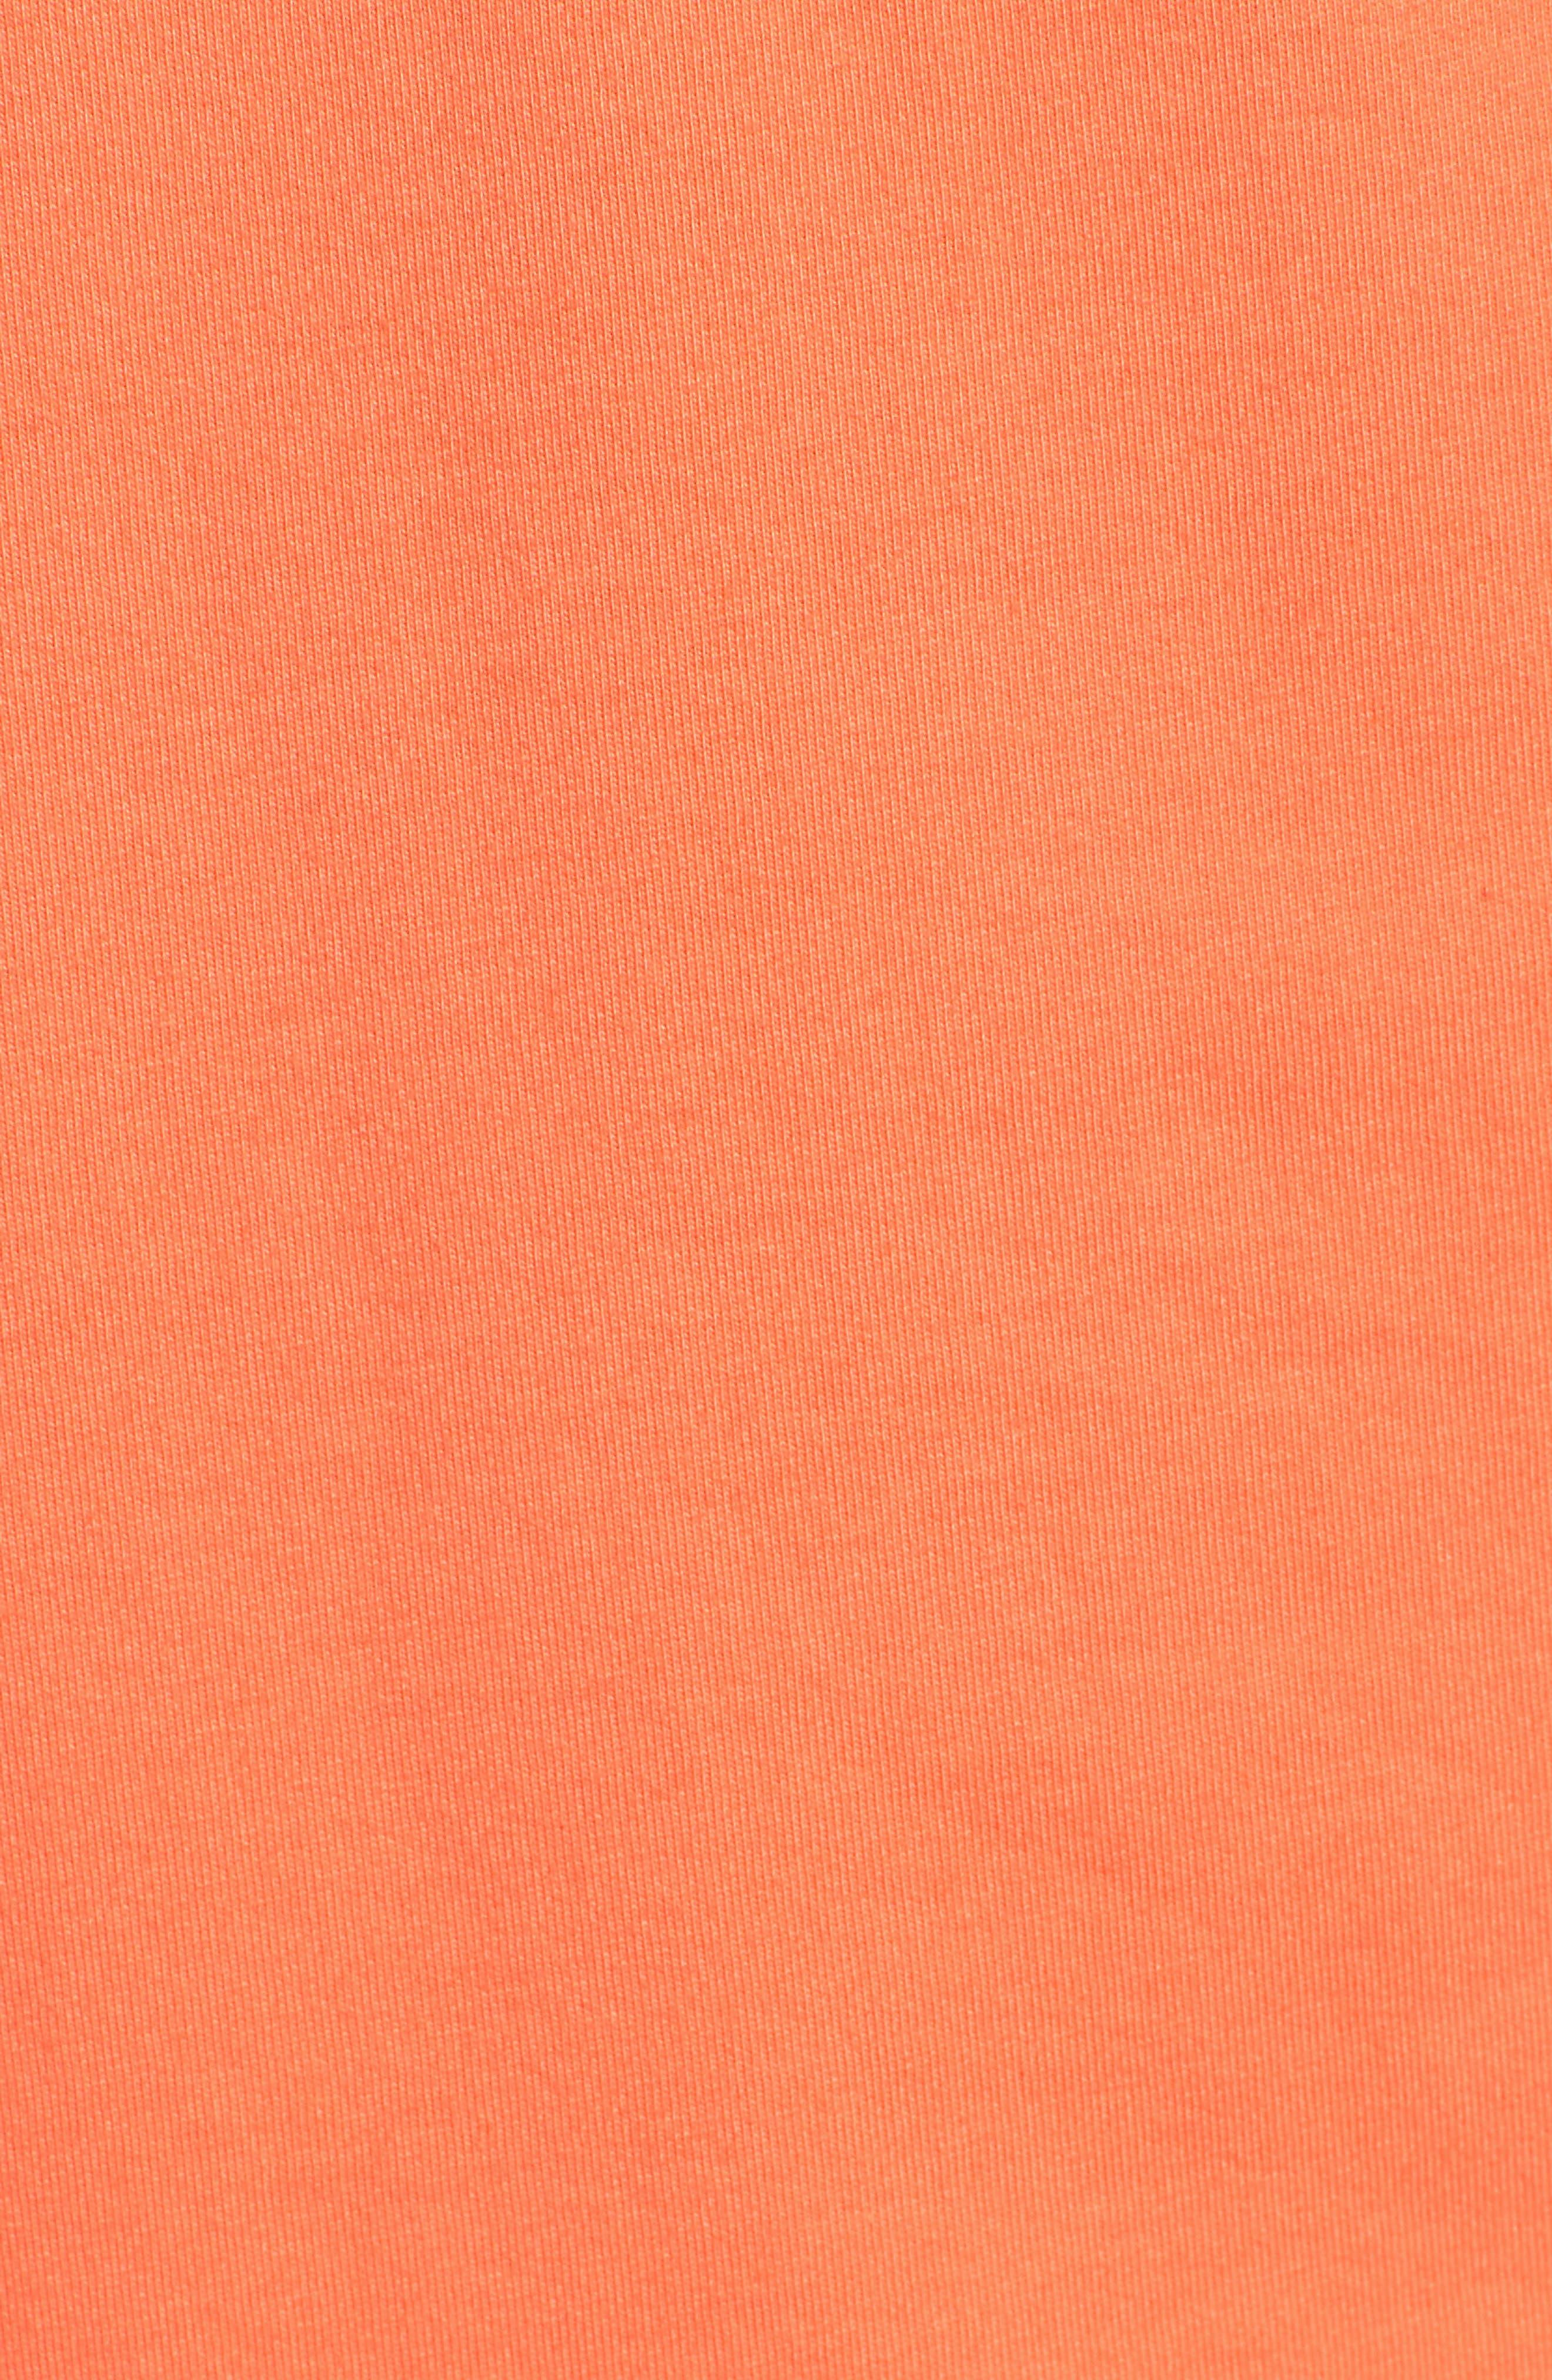 Dawn Duck Call T-Shirt,                             Alternate thumbnail 5, color,                             800